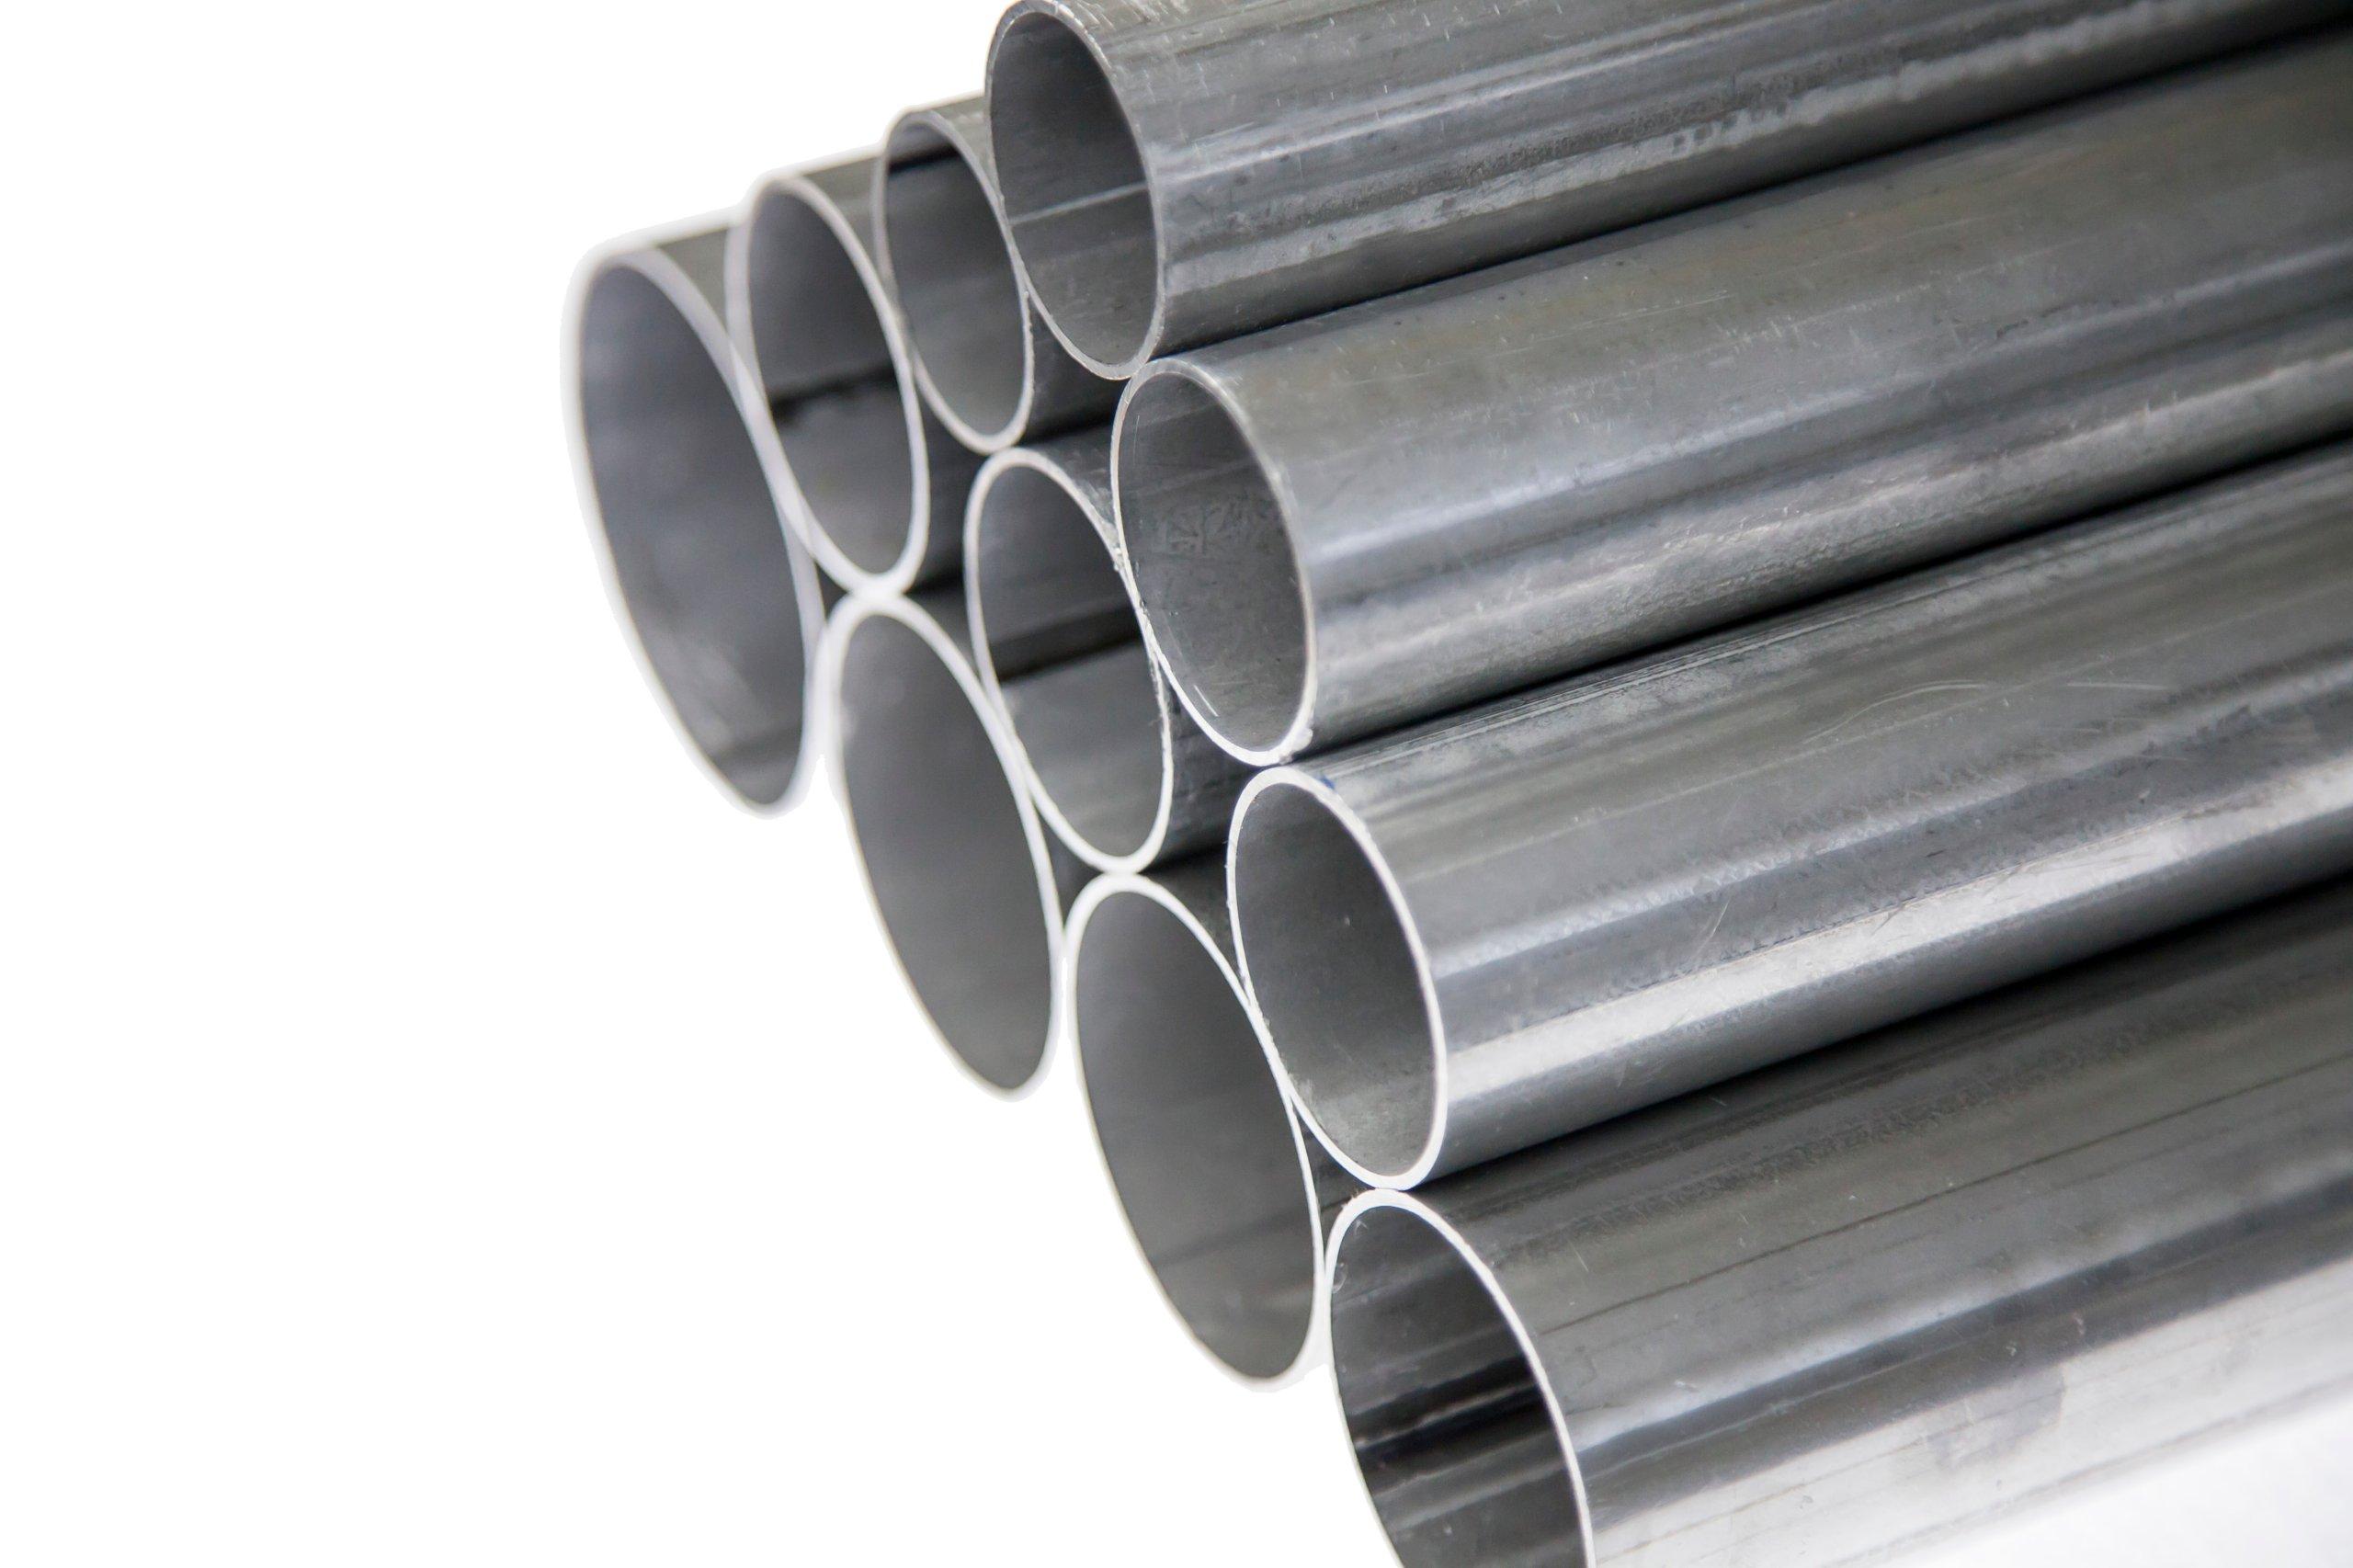 Резка алюминиевой трубы, фи 35 мм, изготовлена на заказ